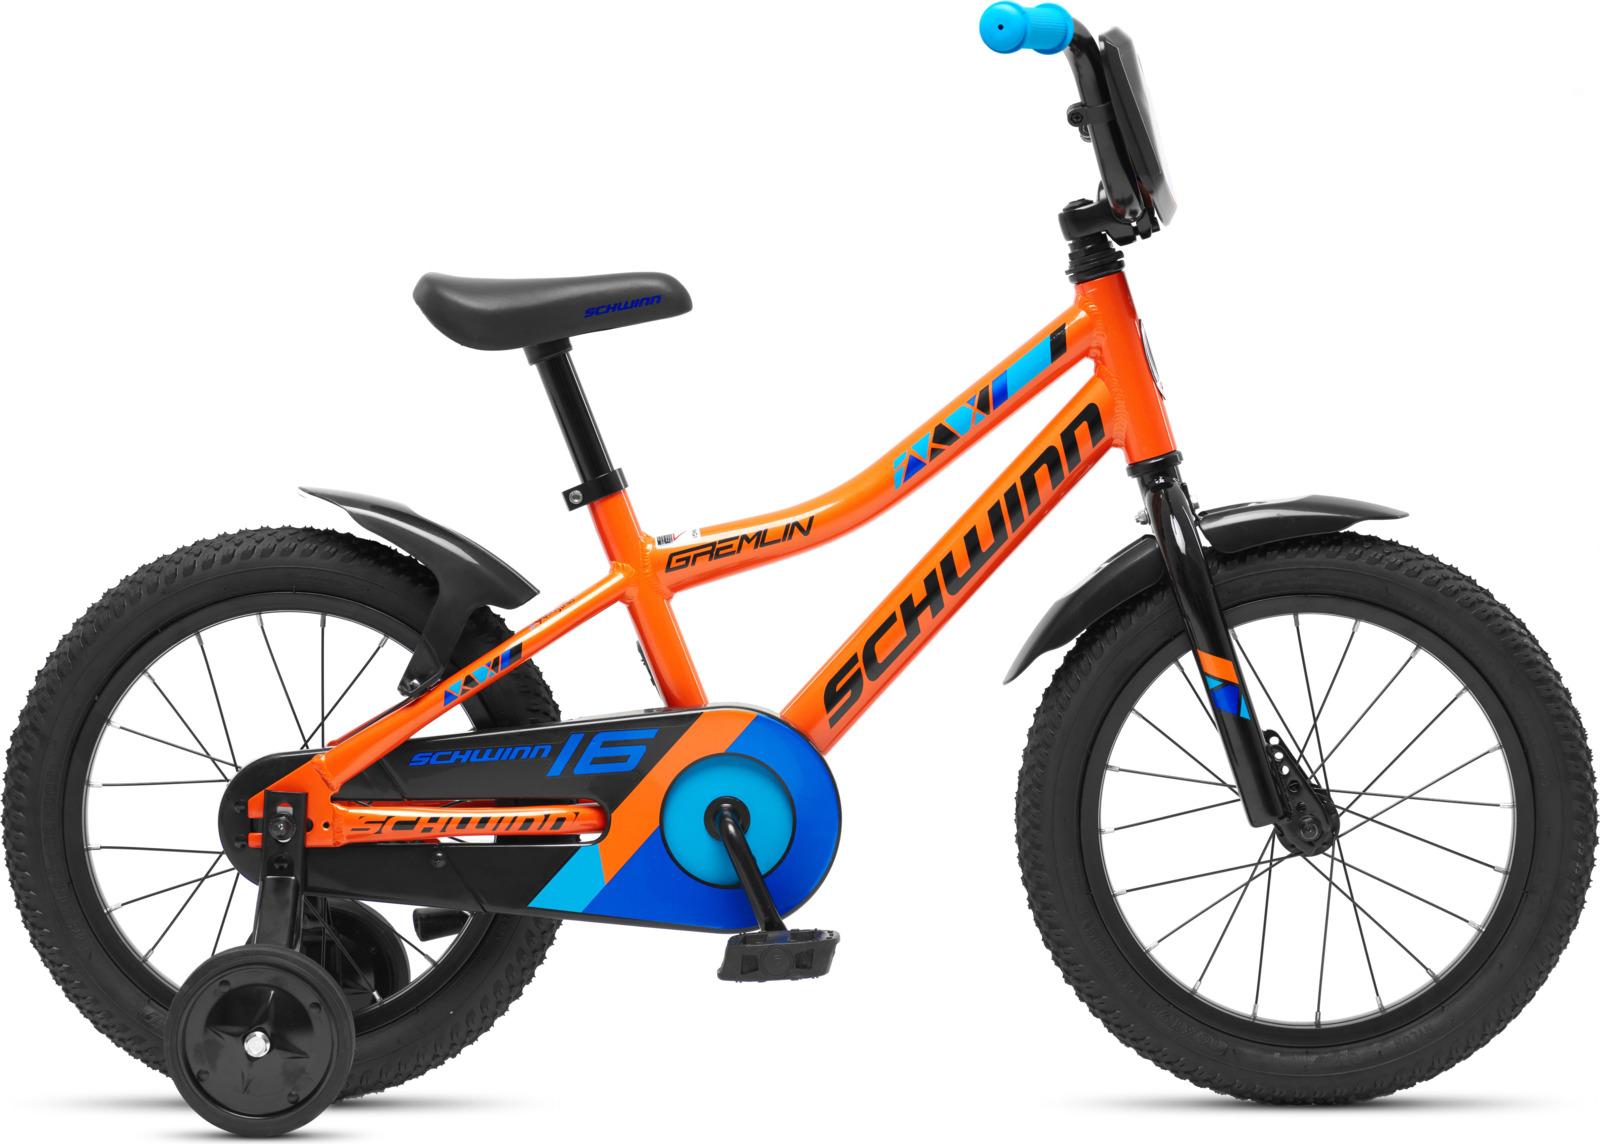 Велосипед детский Schwinn Gremlin, колесо 16, оранжевый цена